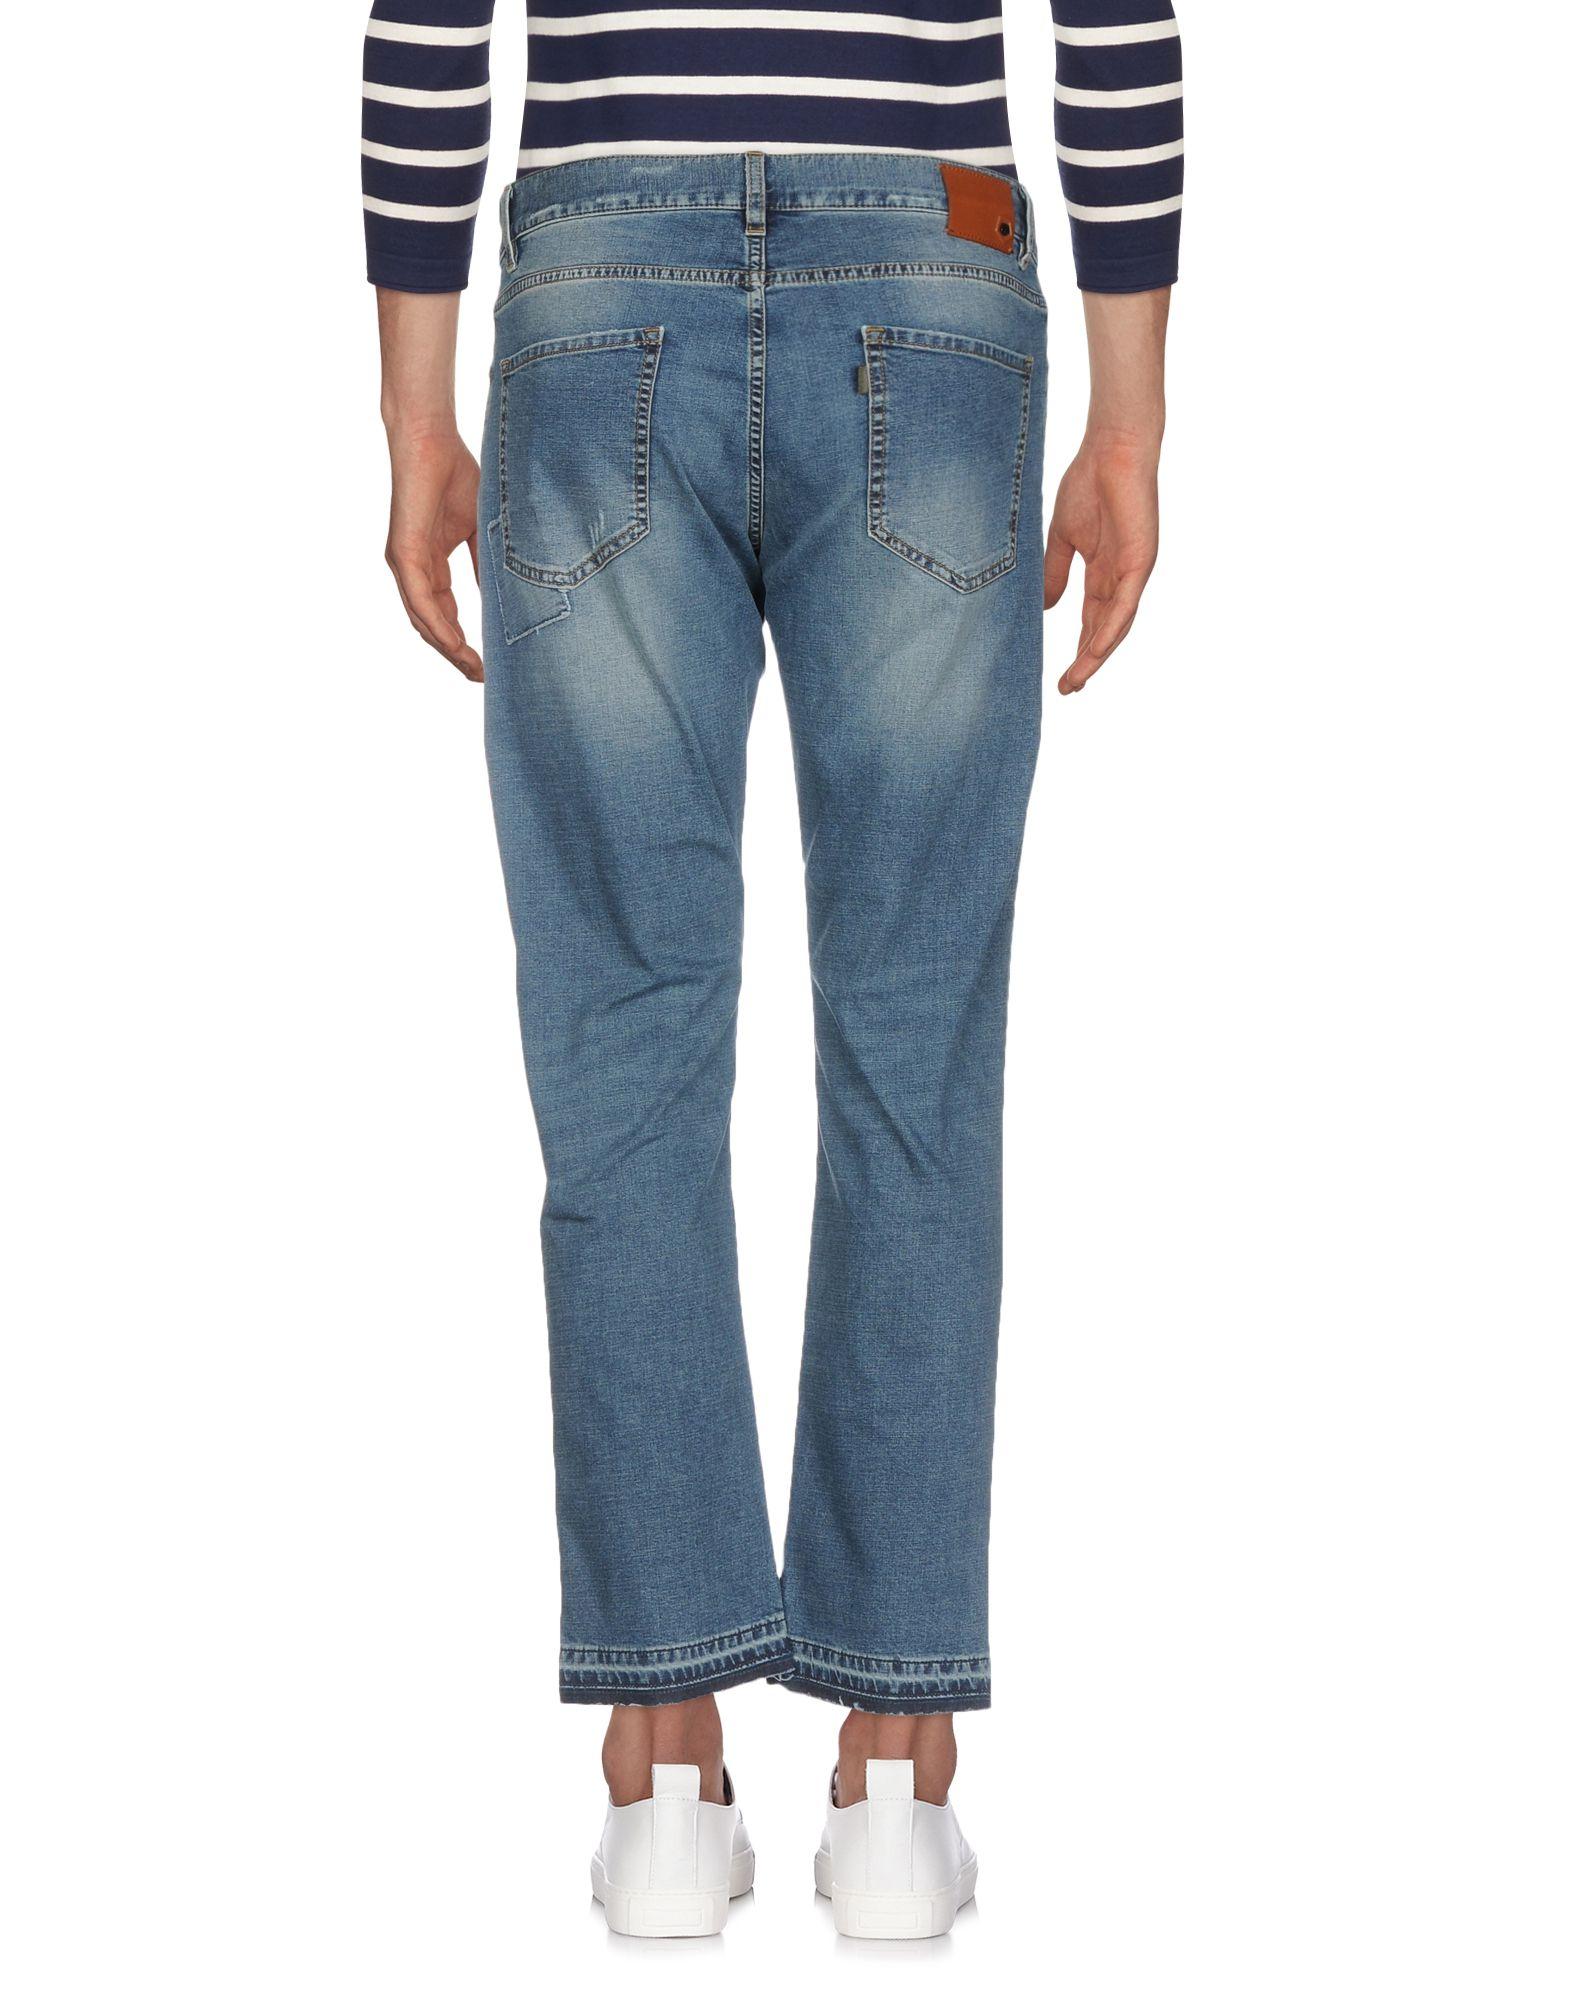 Pantaloni Uomo Jeans Zzegna Uomo Pantaloni - 42660594VD 6d0e9c